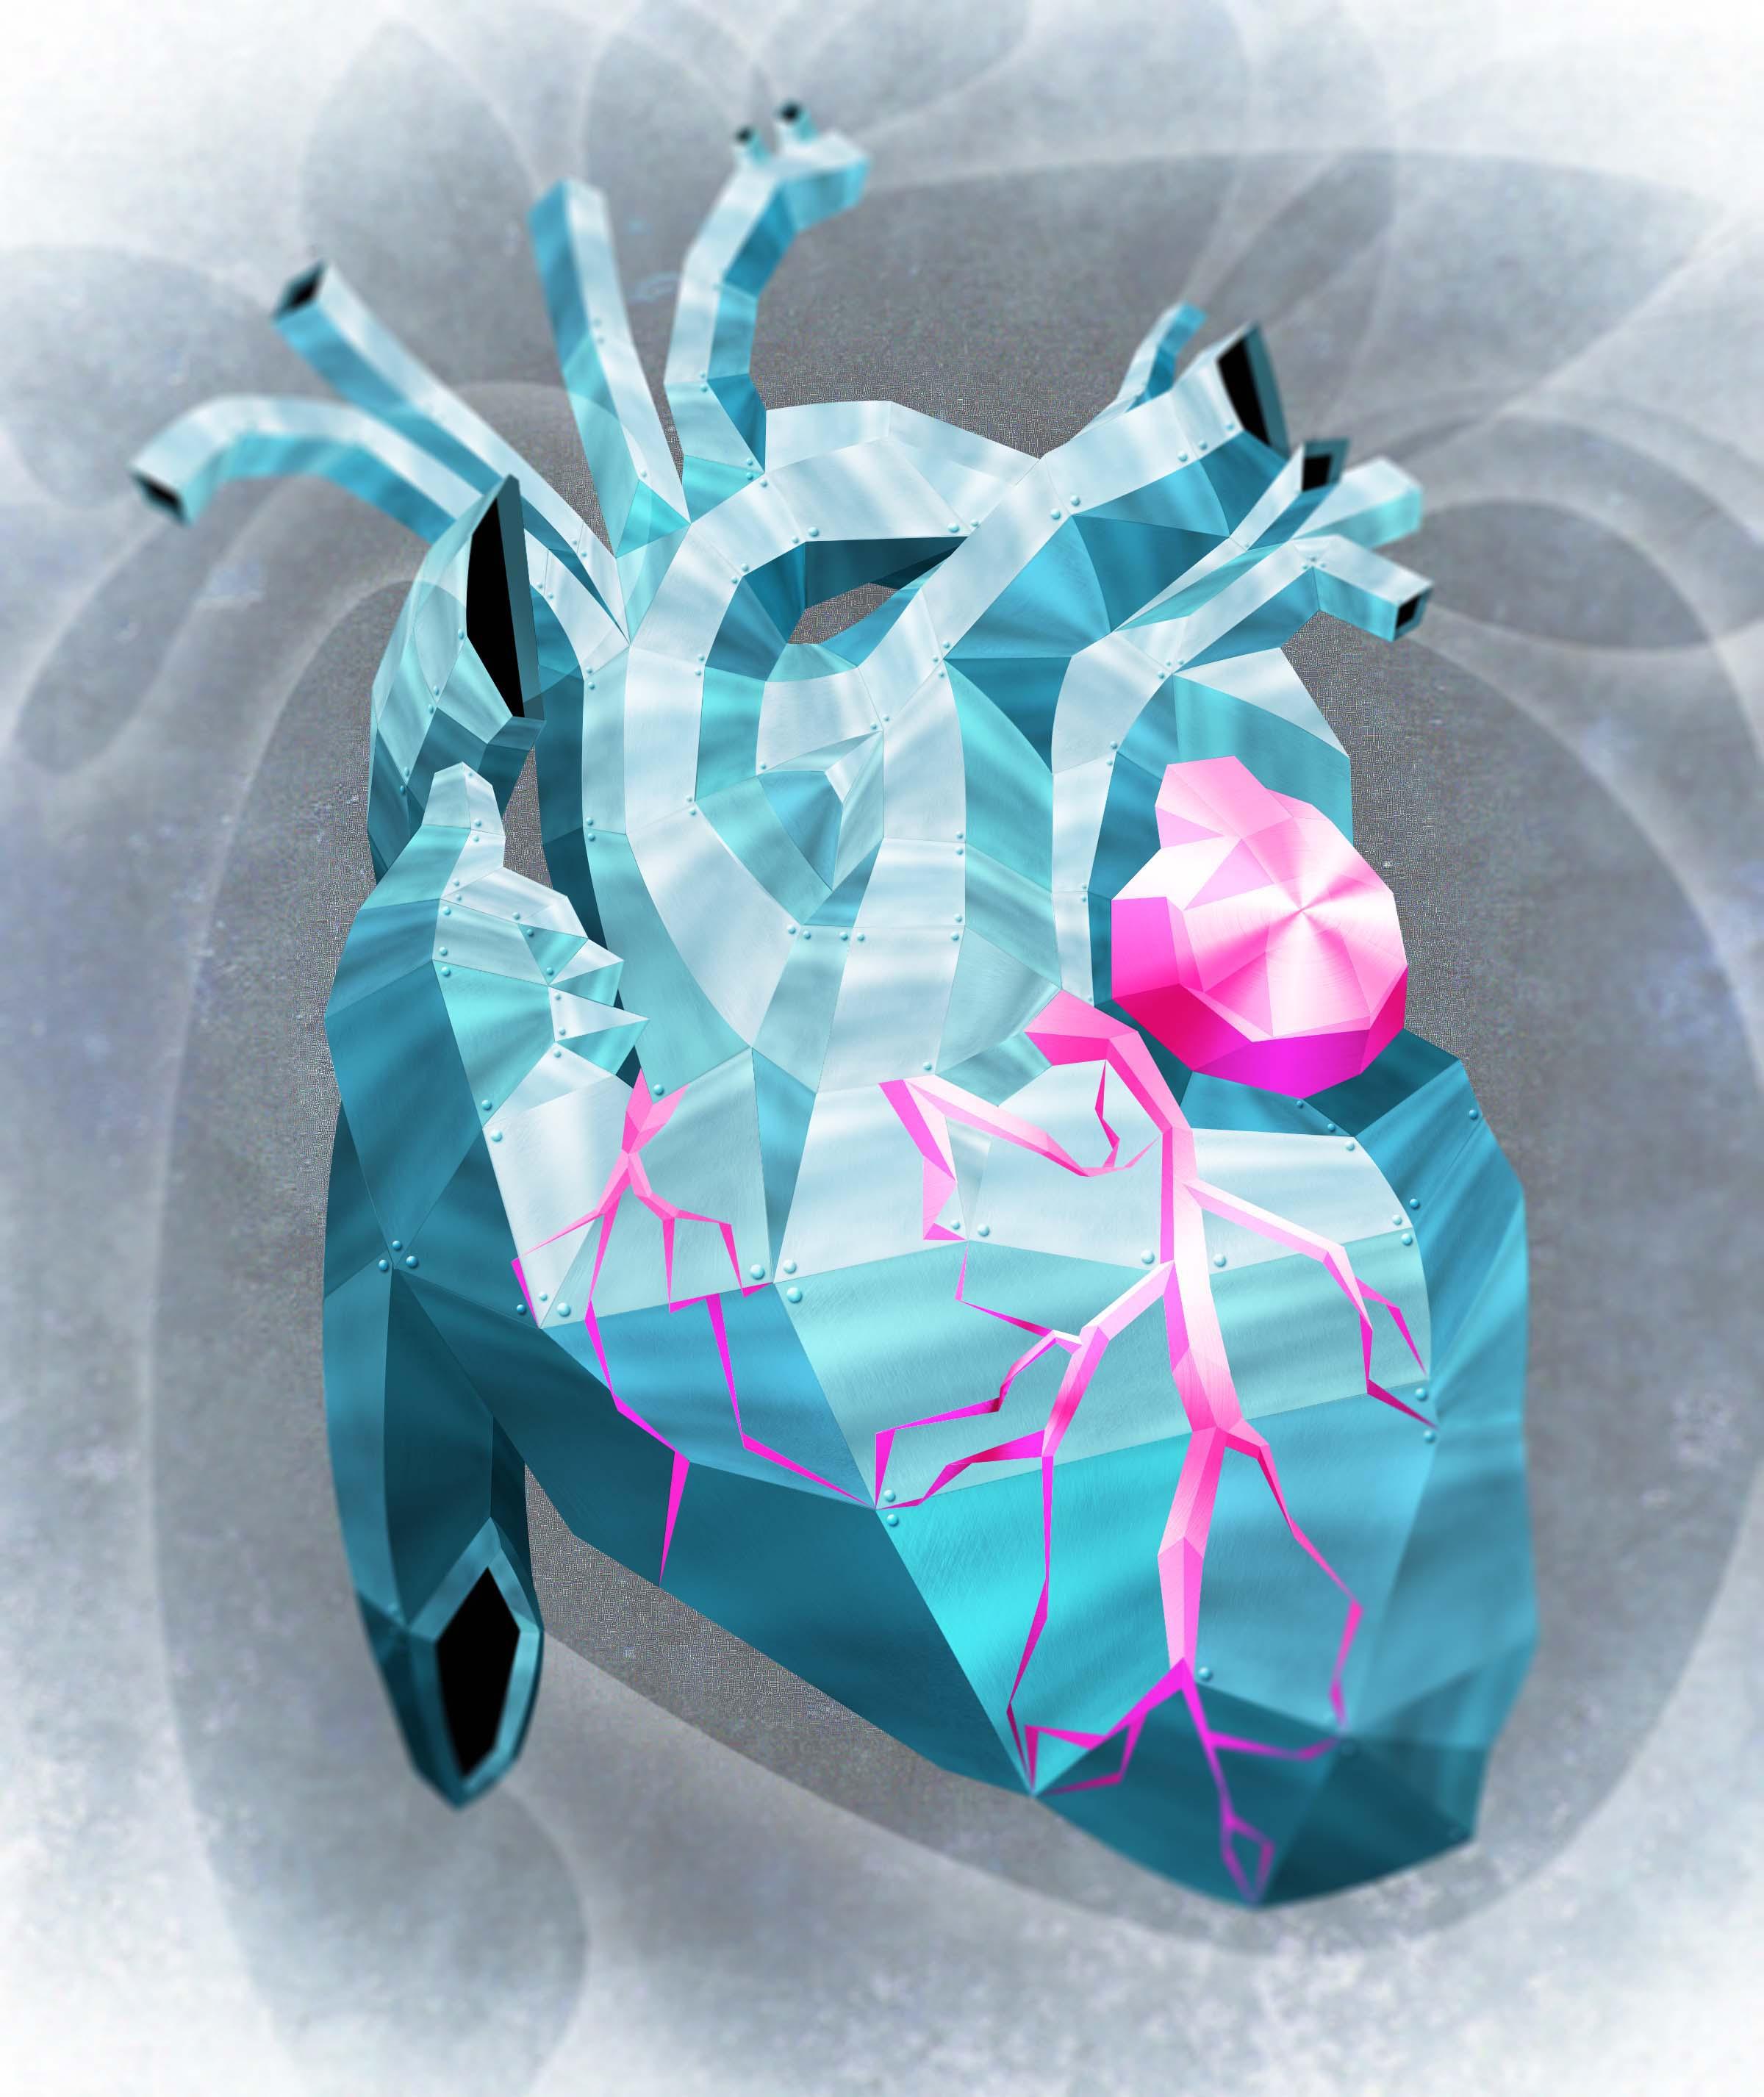 ...heart of steel...